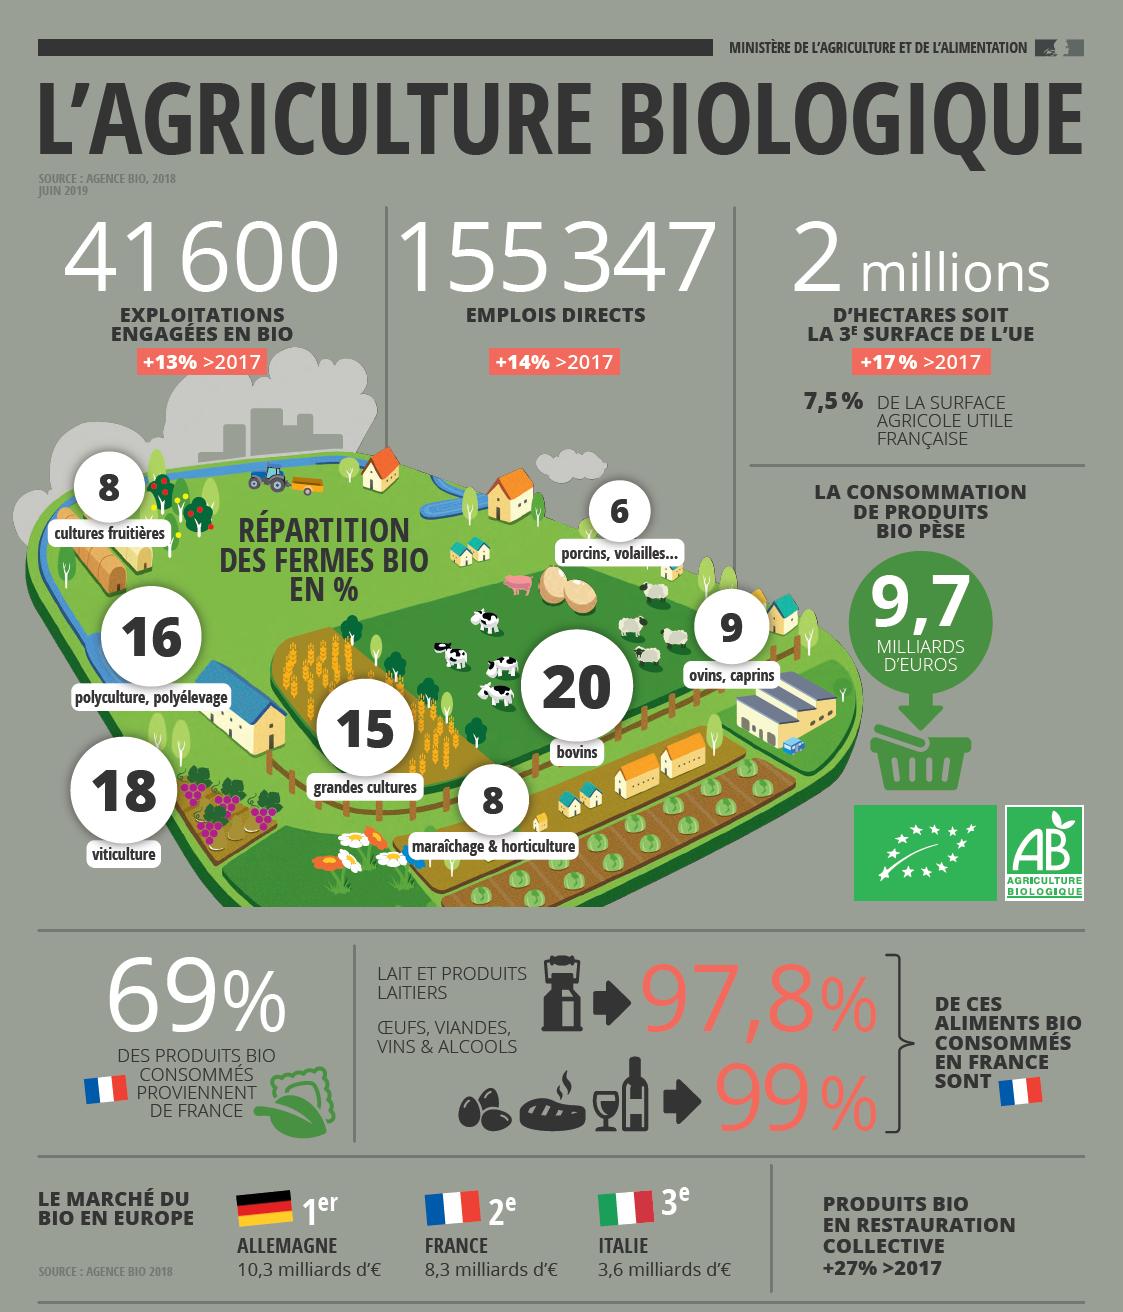 Agriculture biologique en France